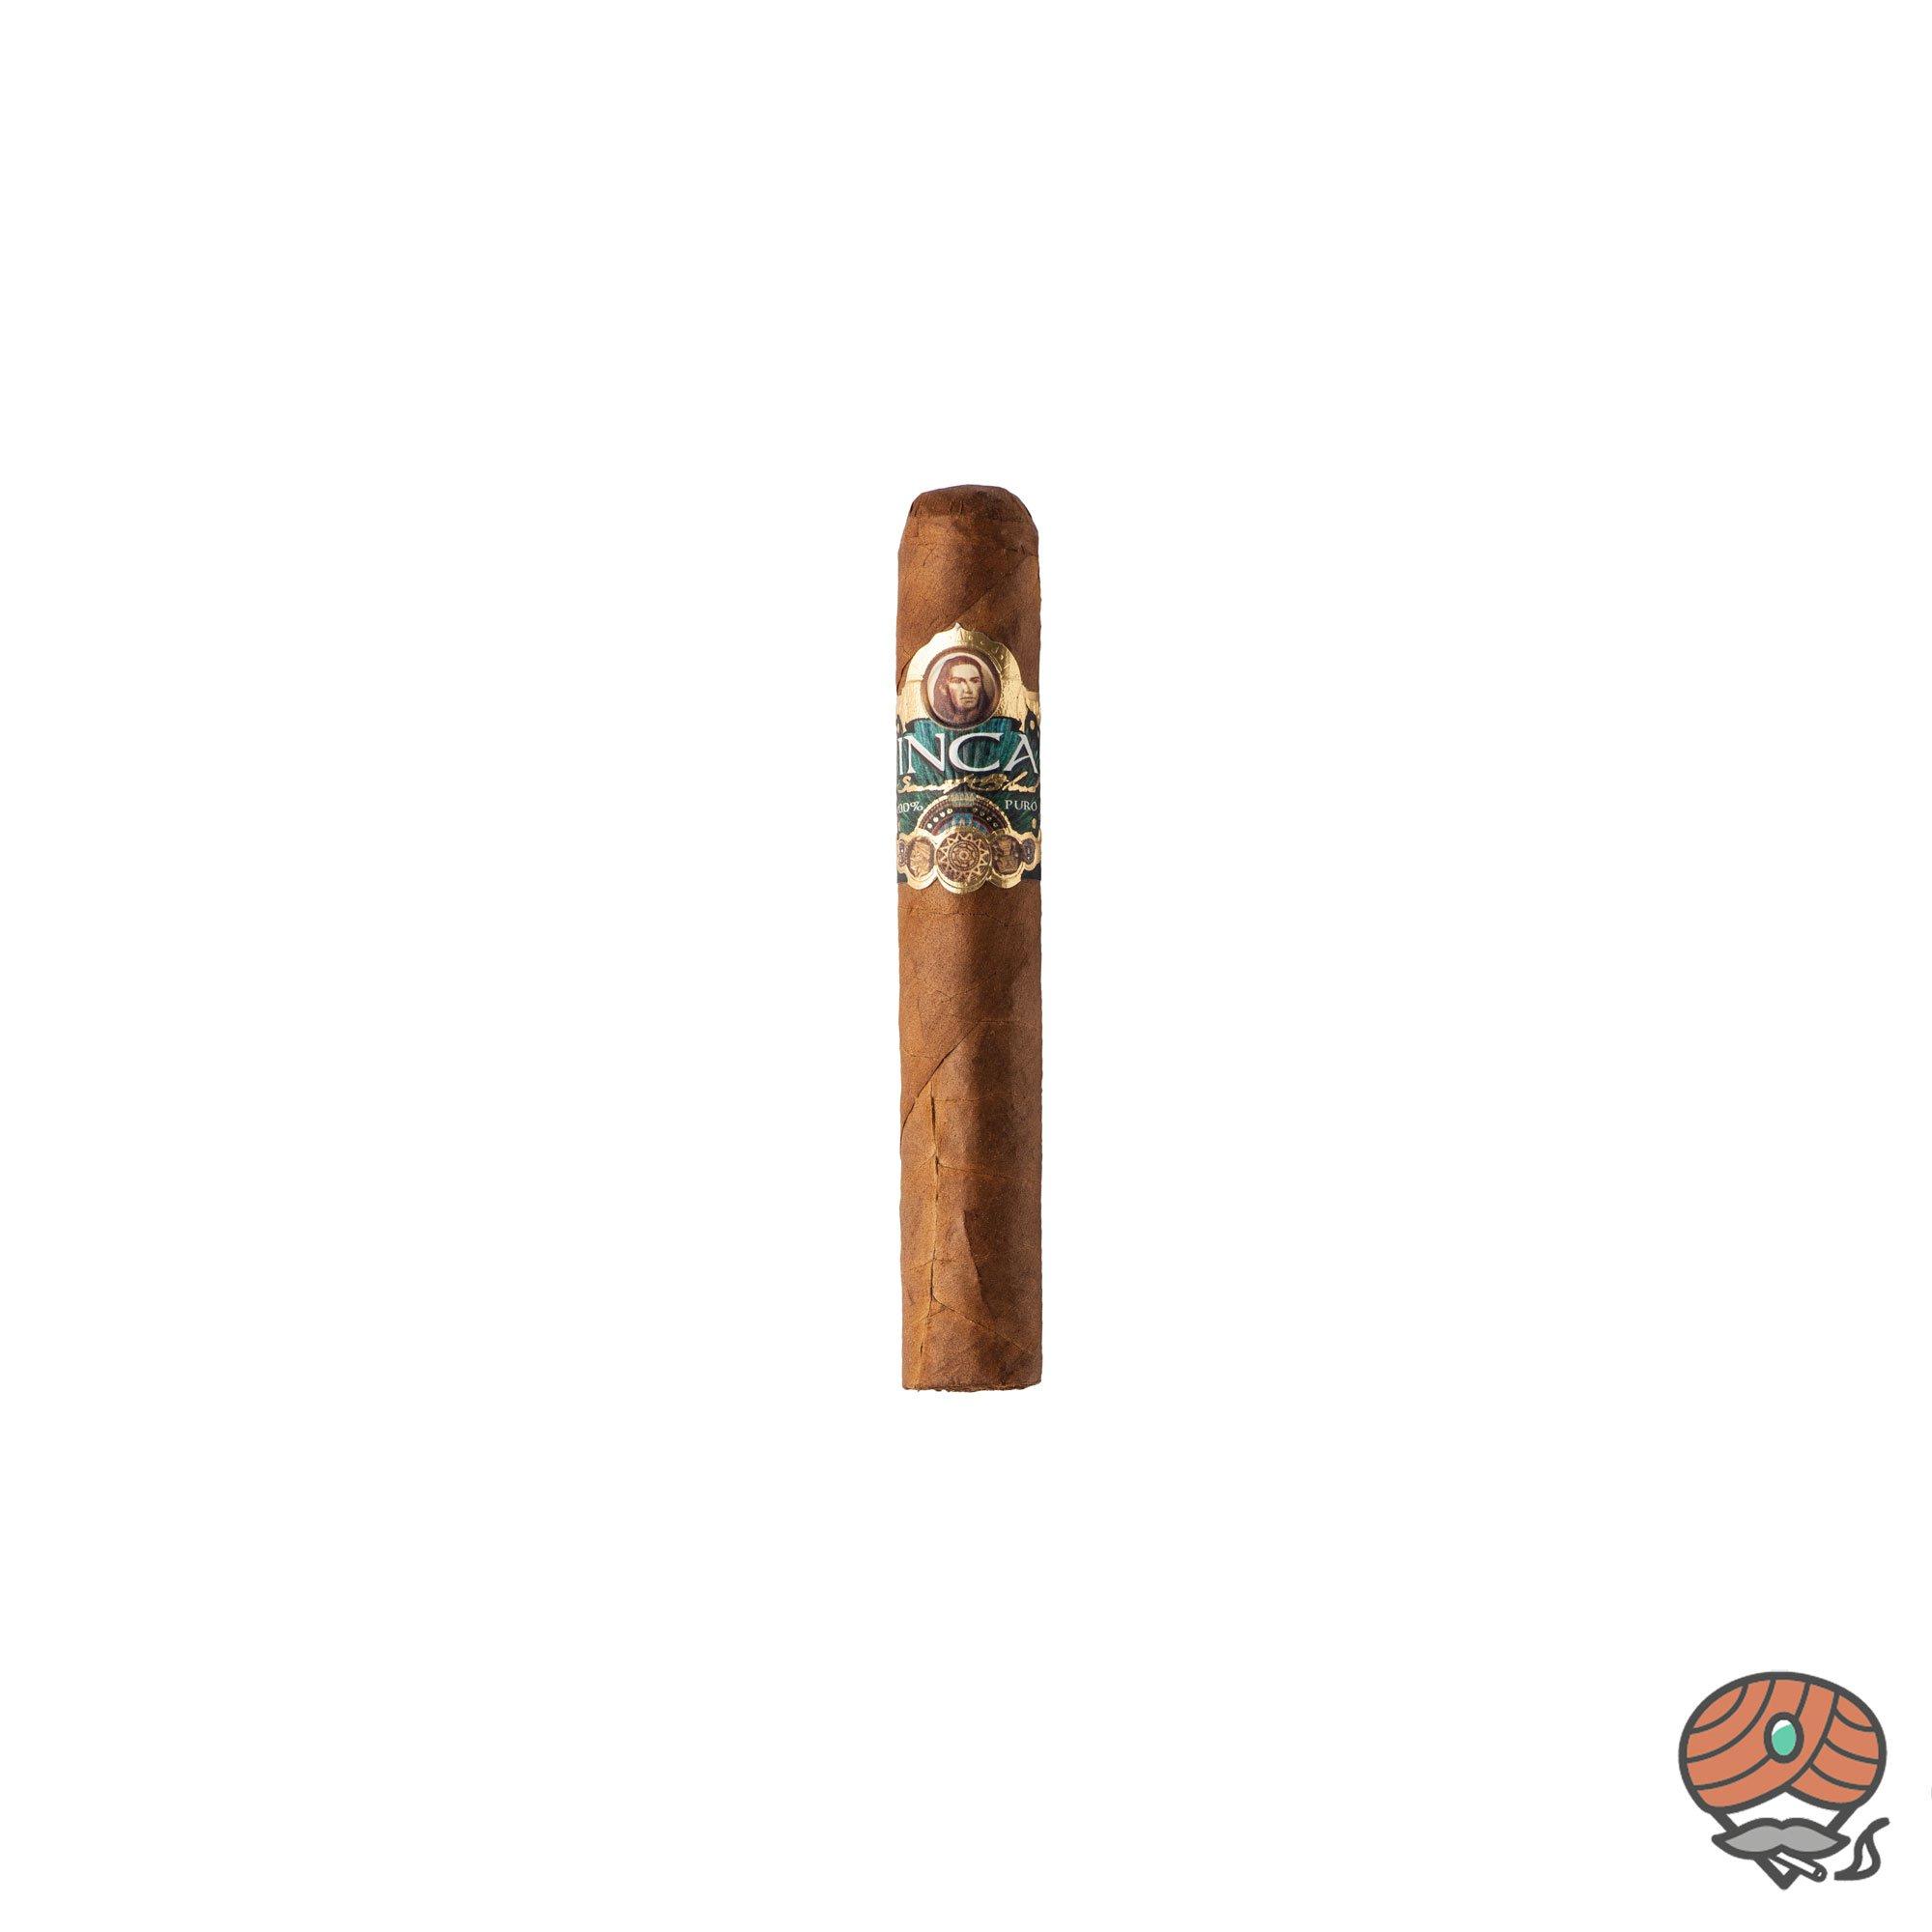 Inca Roca Robusto Zigarren aus Peru